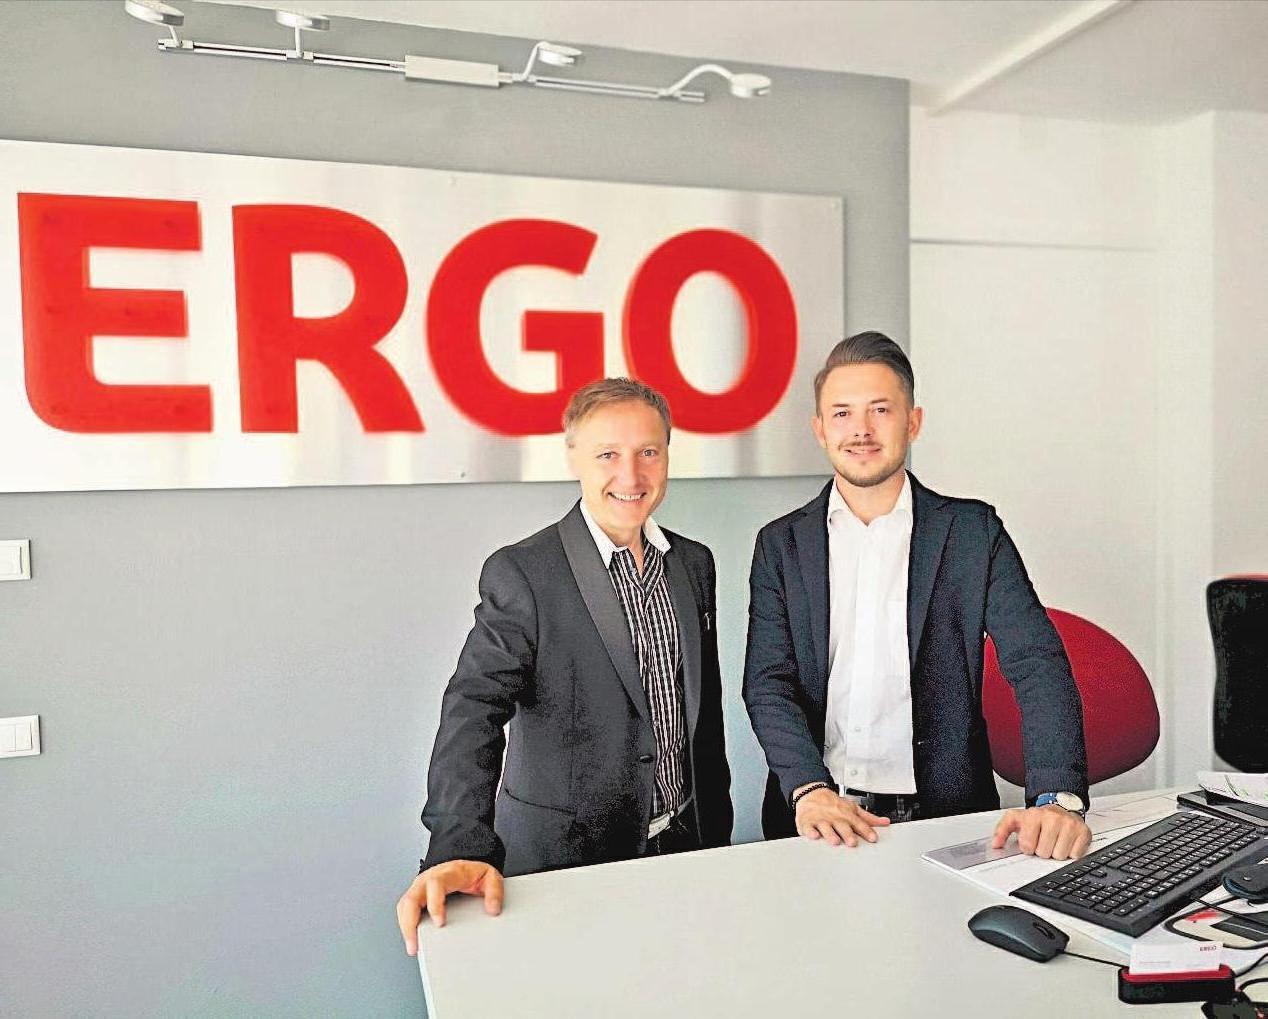 Alexander Feulner (links) und Benjamin Morgner sind mit ihren ERGO-Versicherungsagenturen in ein gemeinsames Büro gezogen. Sie sind auch komplett digital aufgestellt, denn viele Kunden wünschen neben dem Service vor Ort eine unkomplizierte Online-Abwicklung.